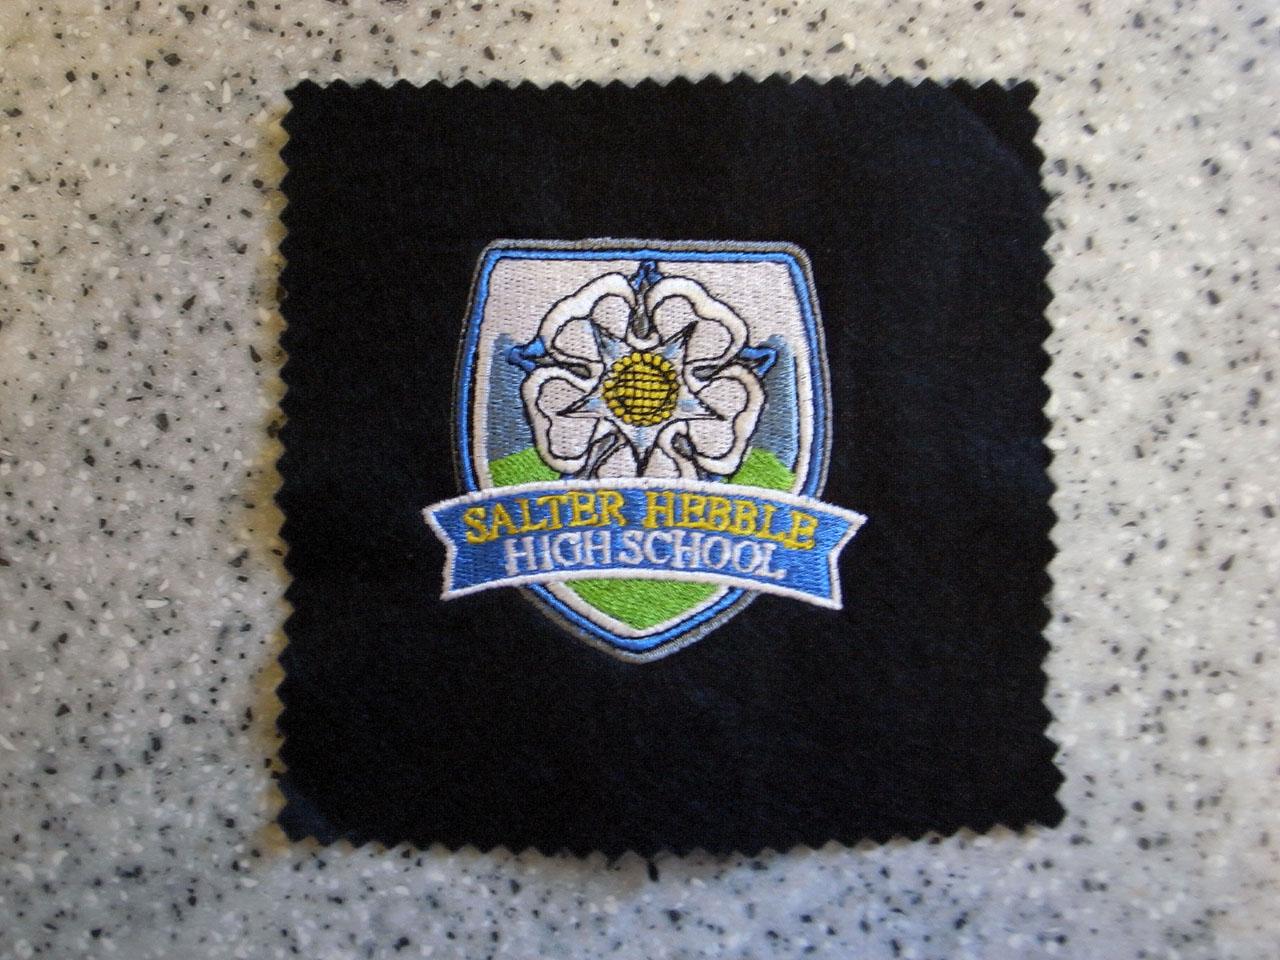 SHHS-badge.jpg